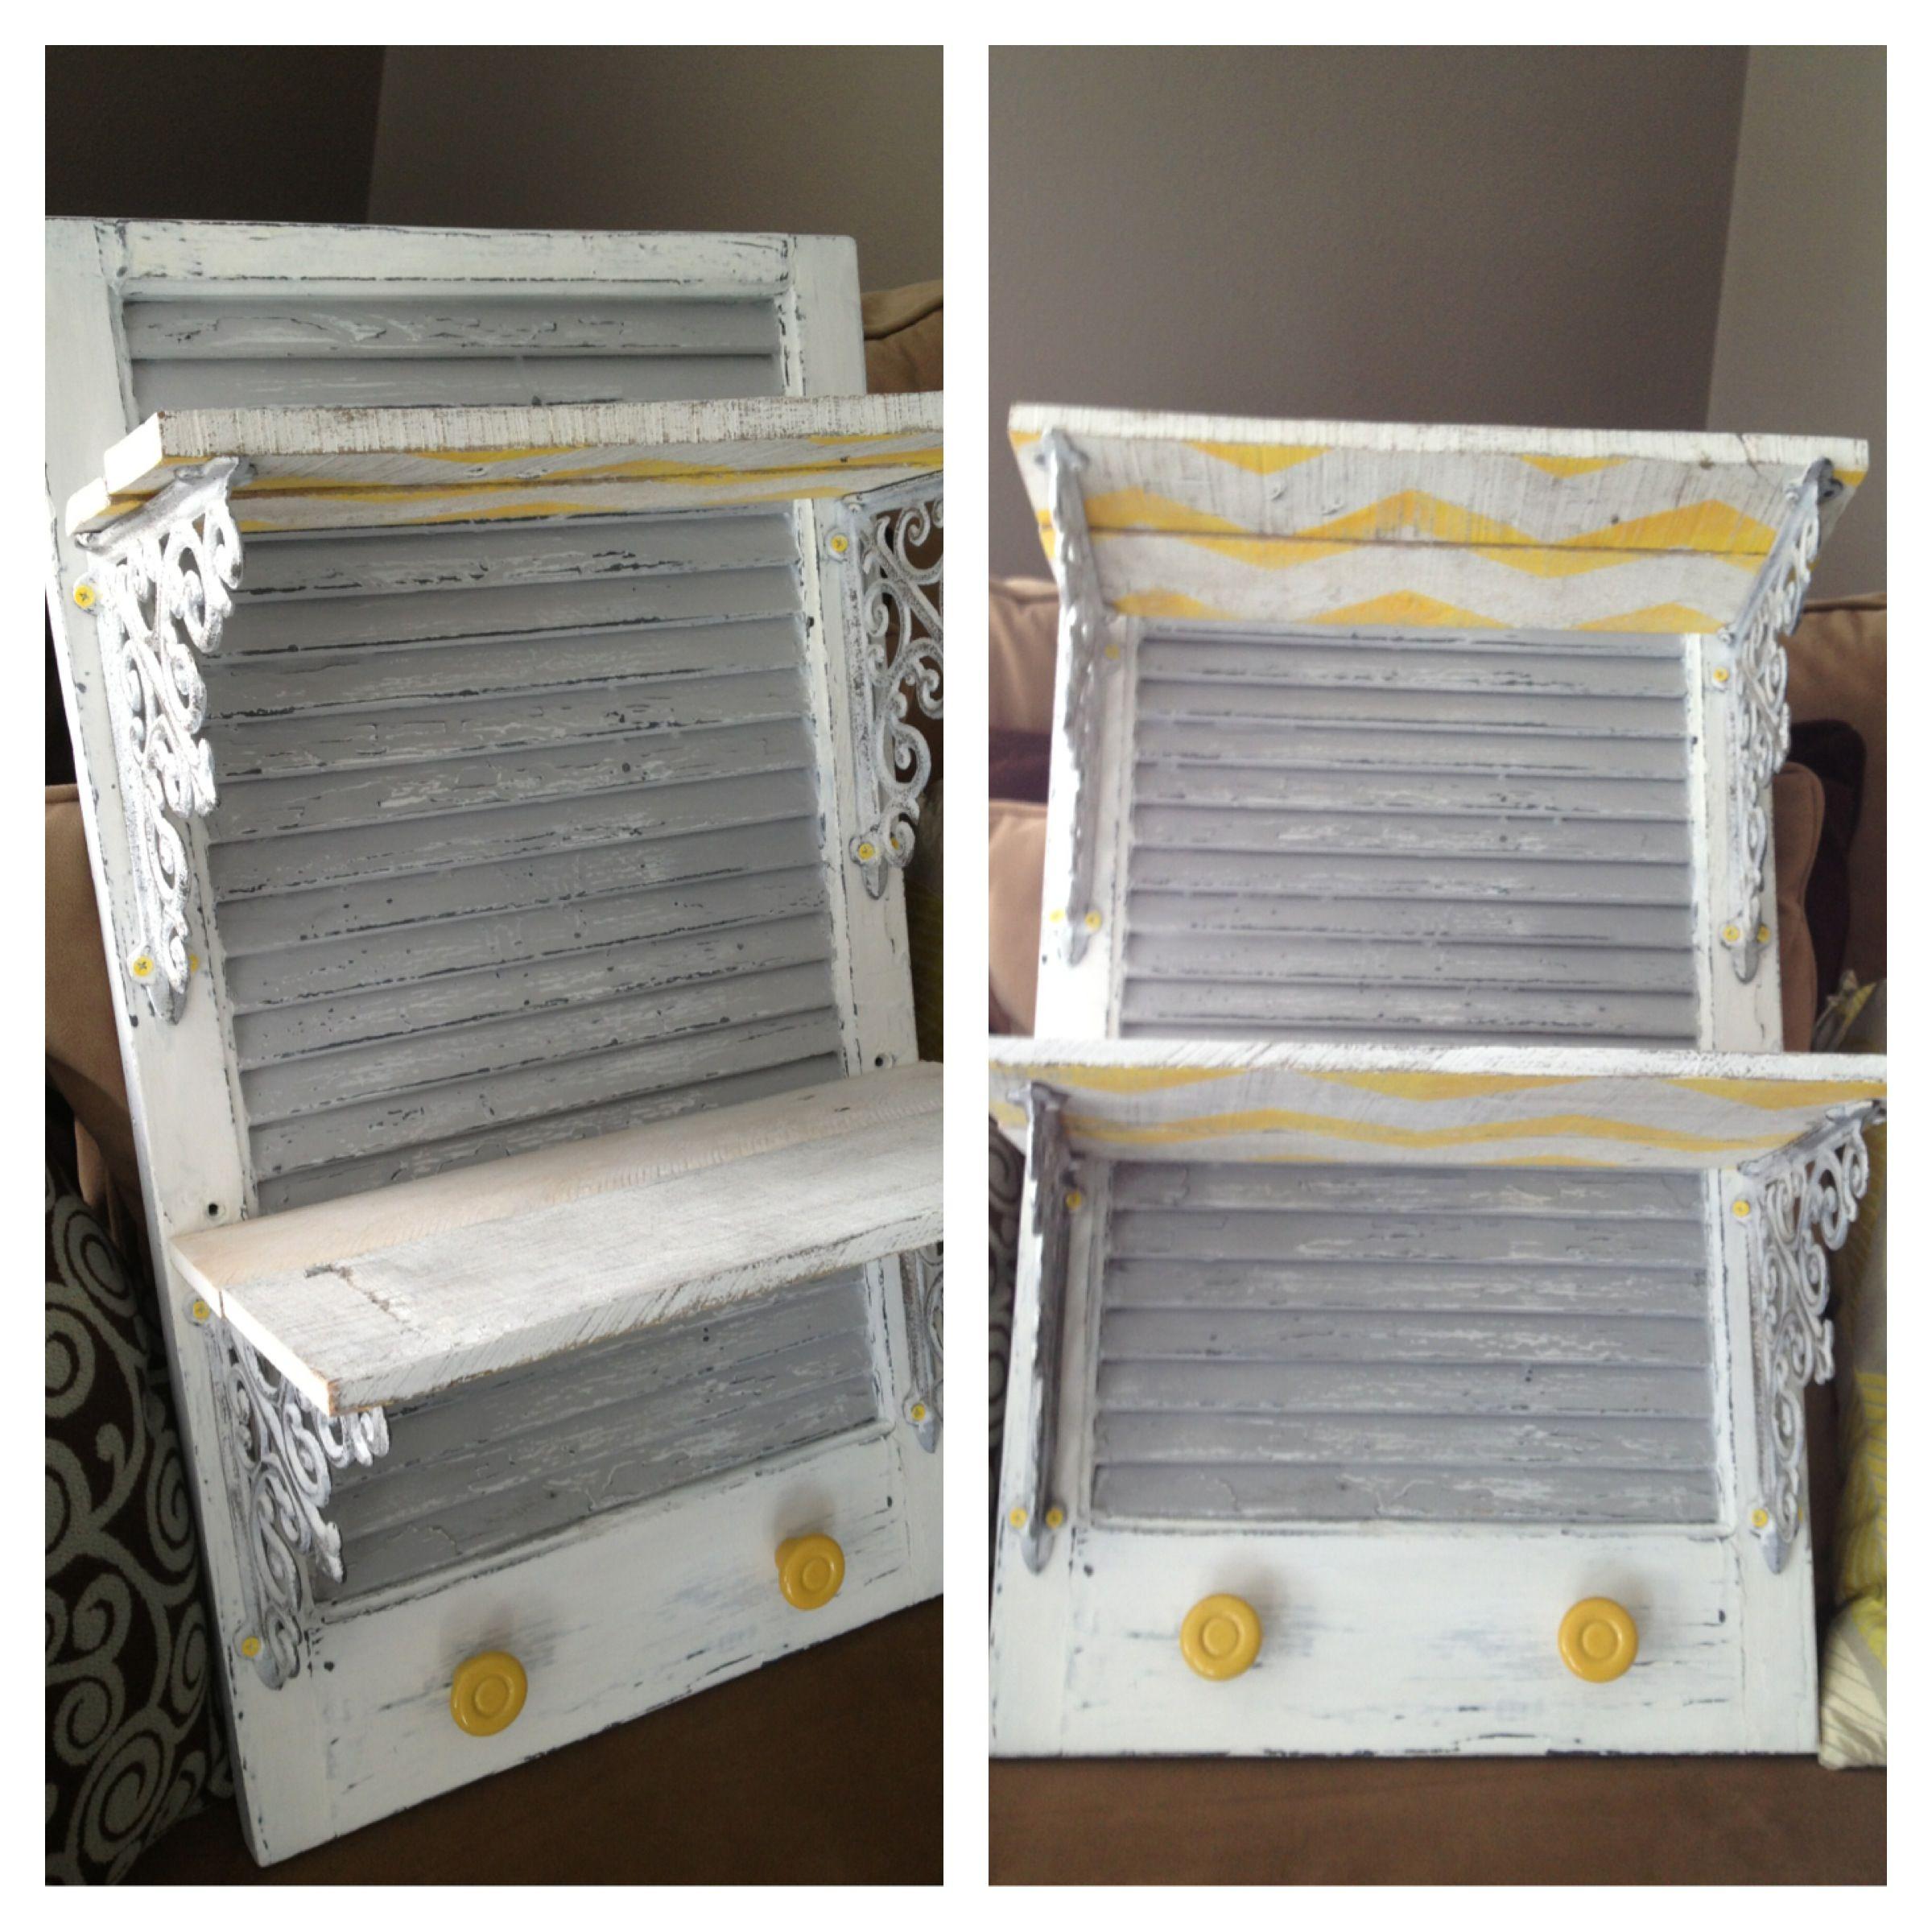 100 Year Old Shutter Repurposed Shelf Gray White Yellow For Sale Old Shutters Doors Repurposed Shutters Repurposed